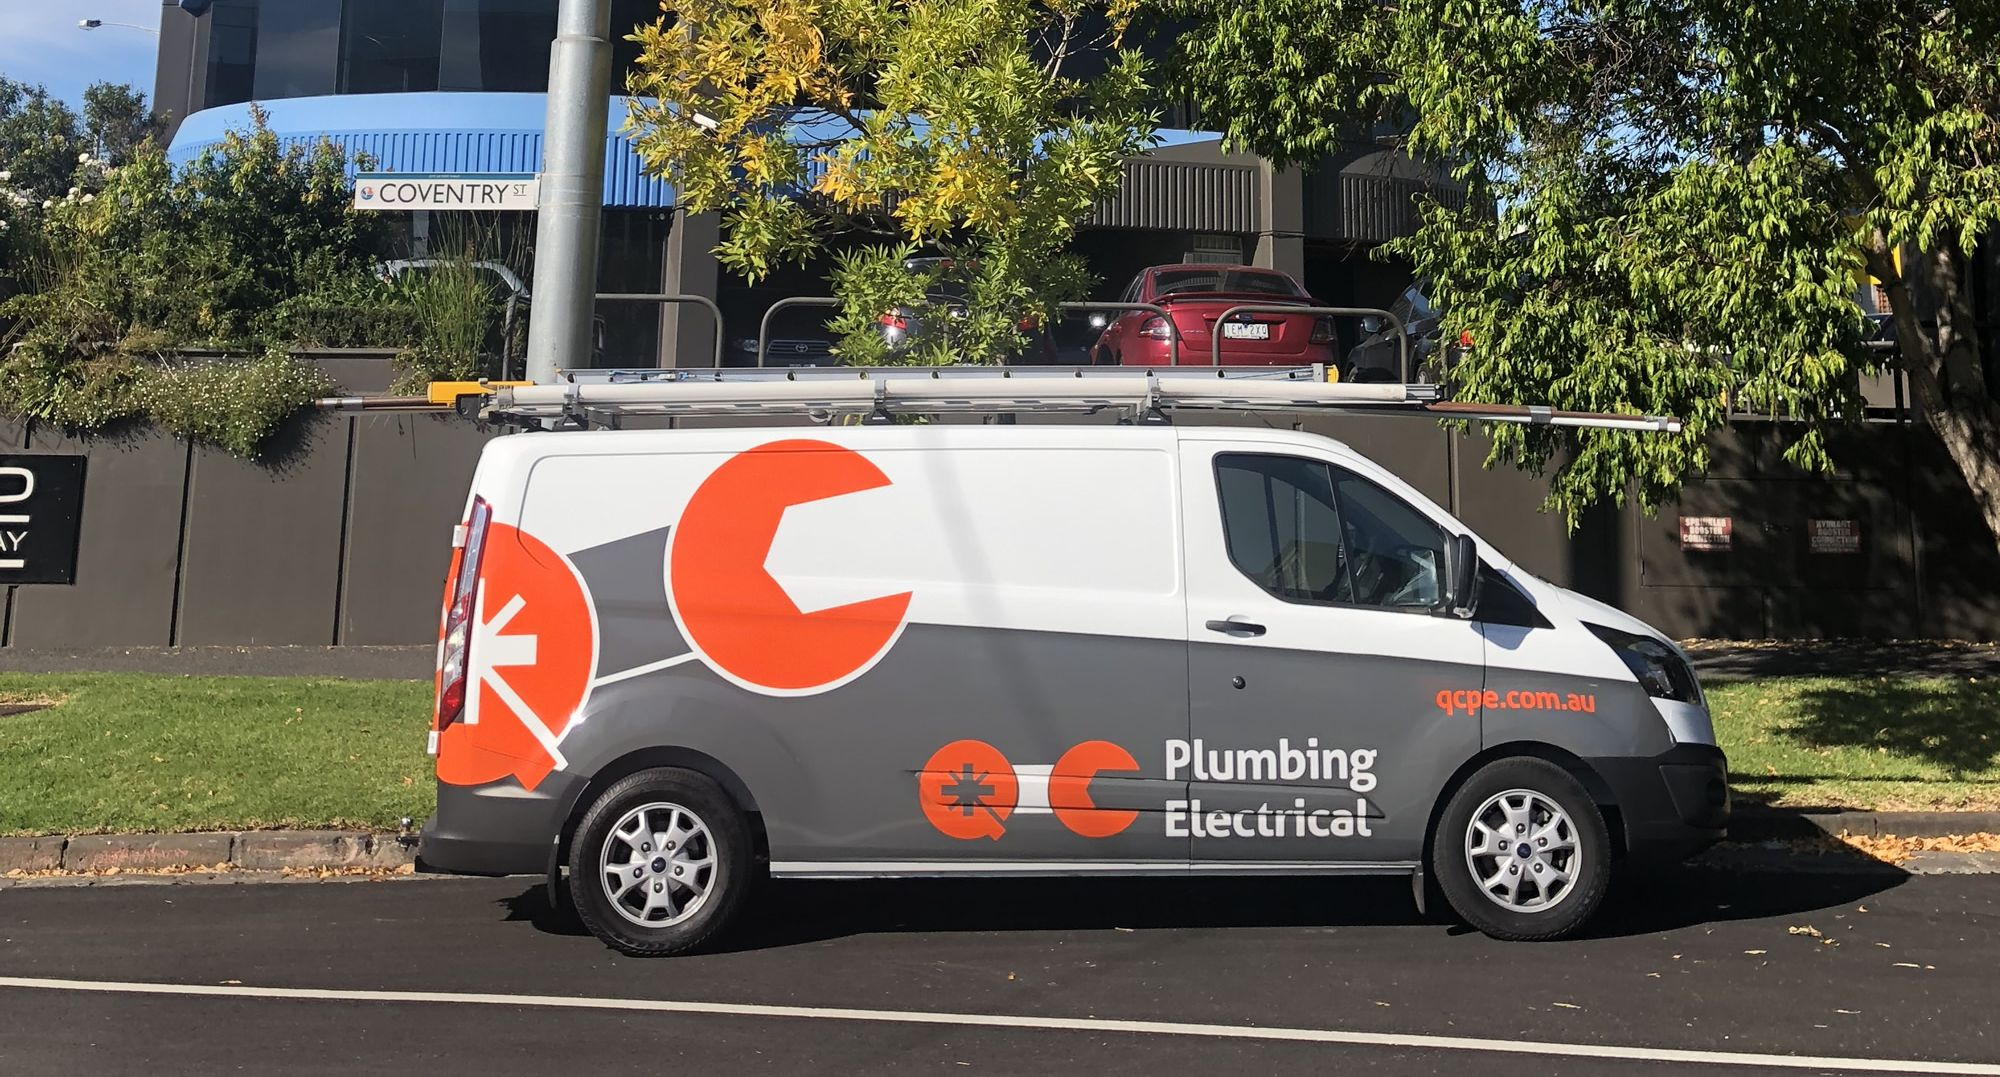 QCPE Plumbing Van